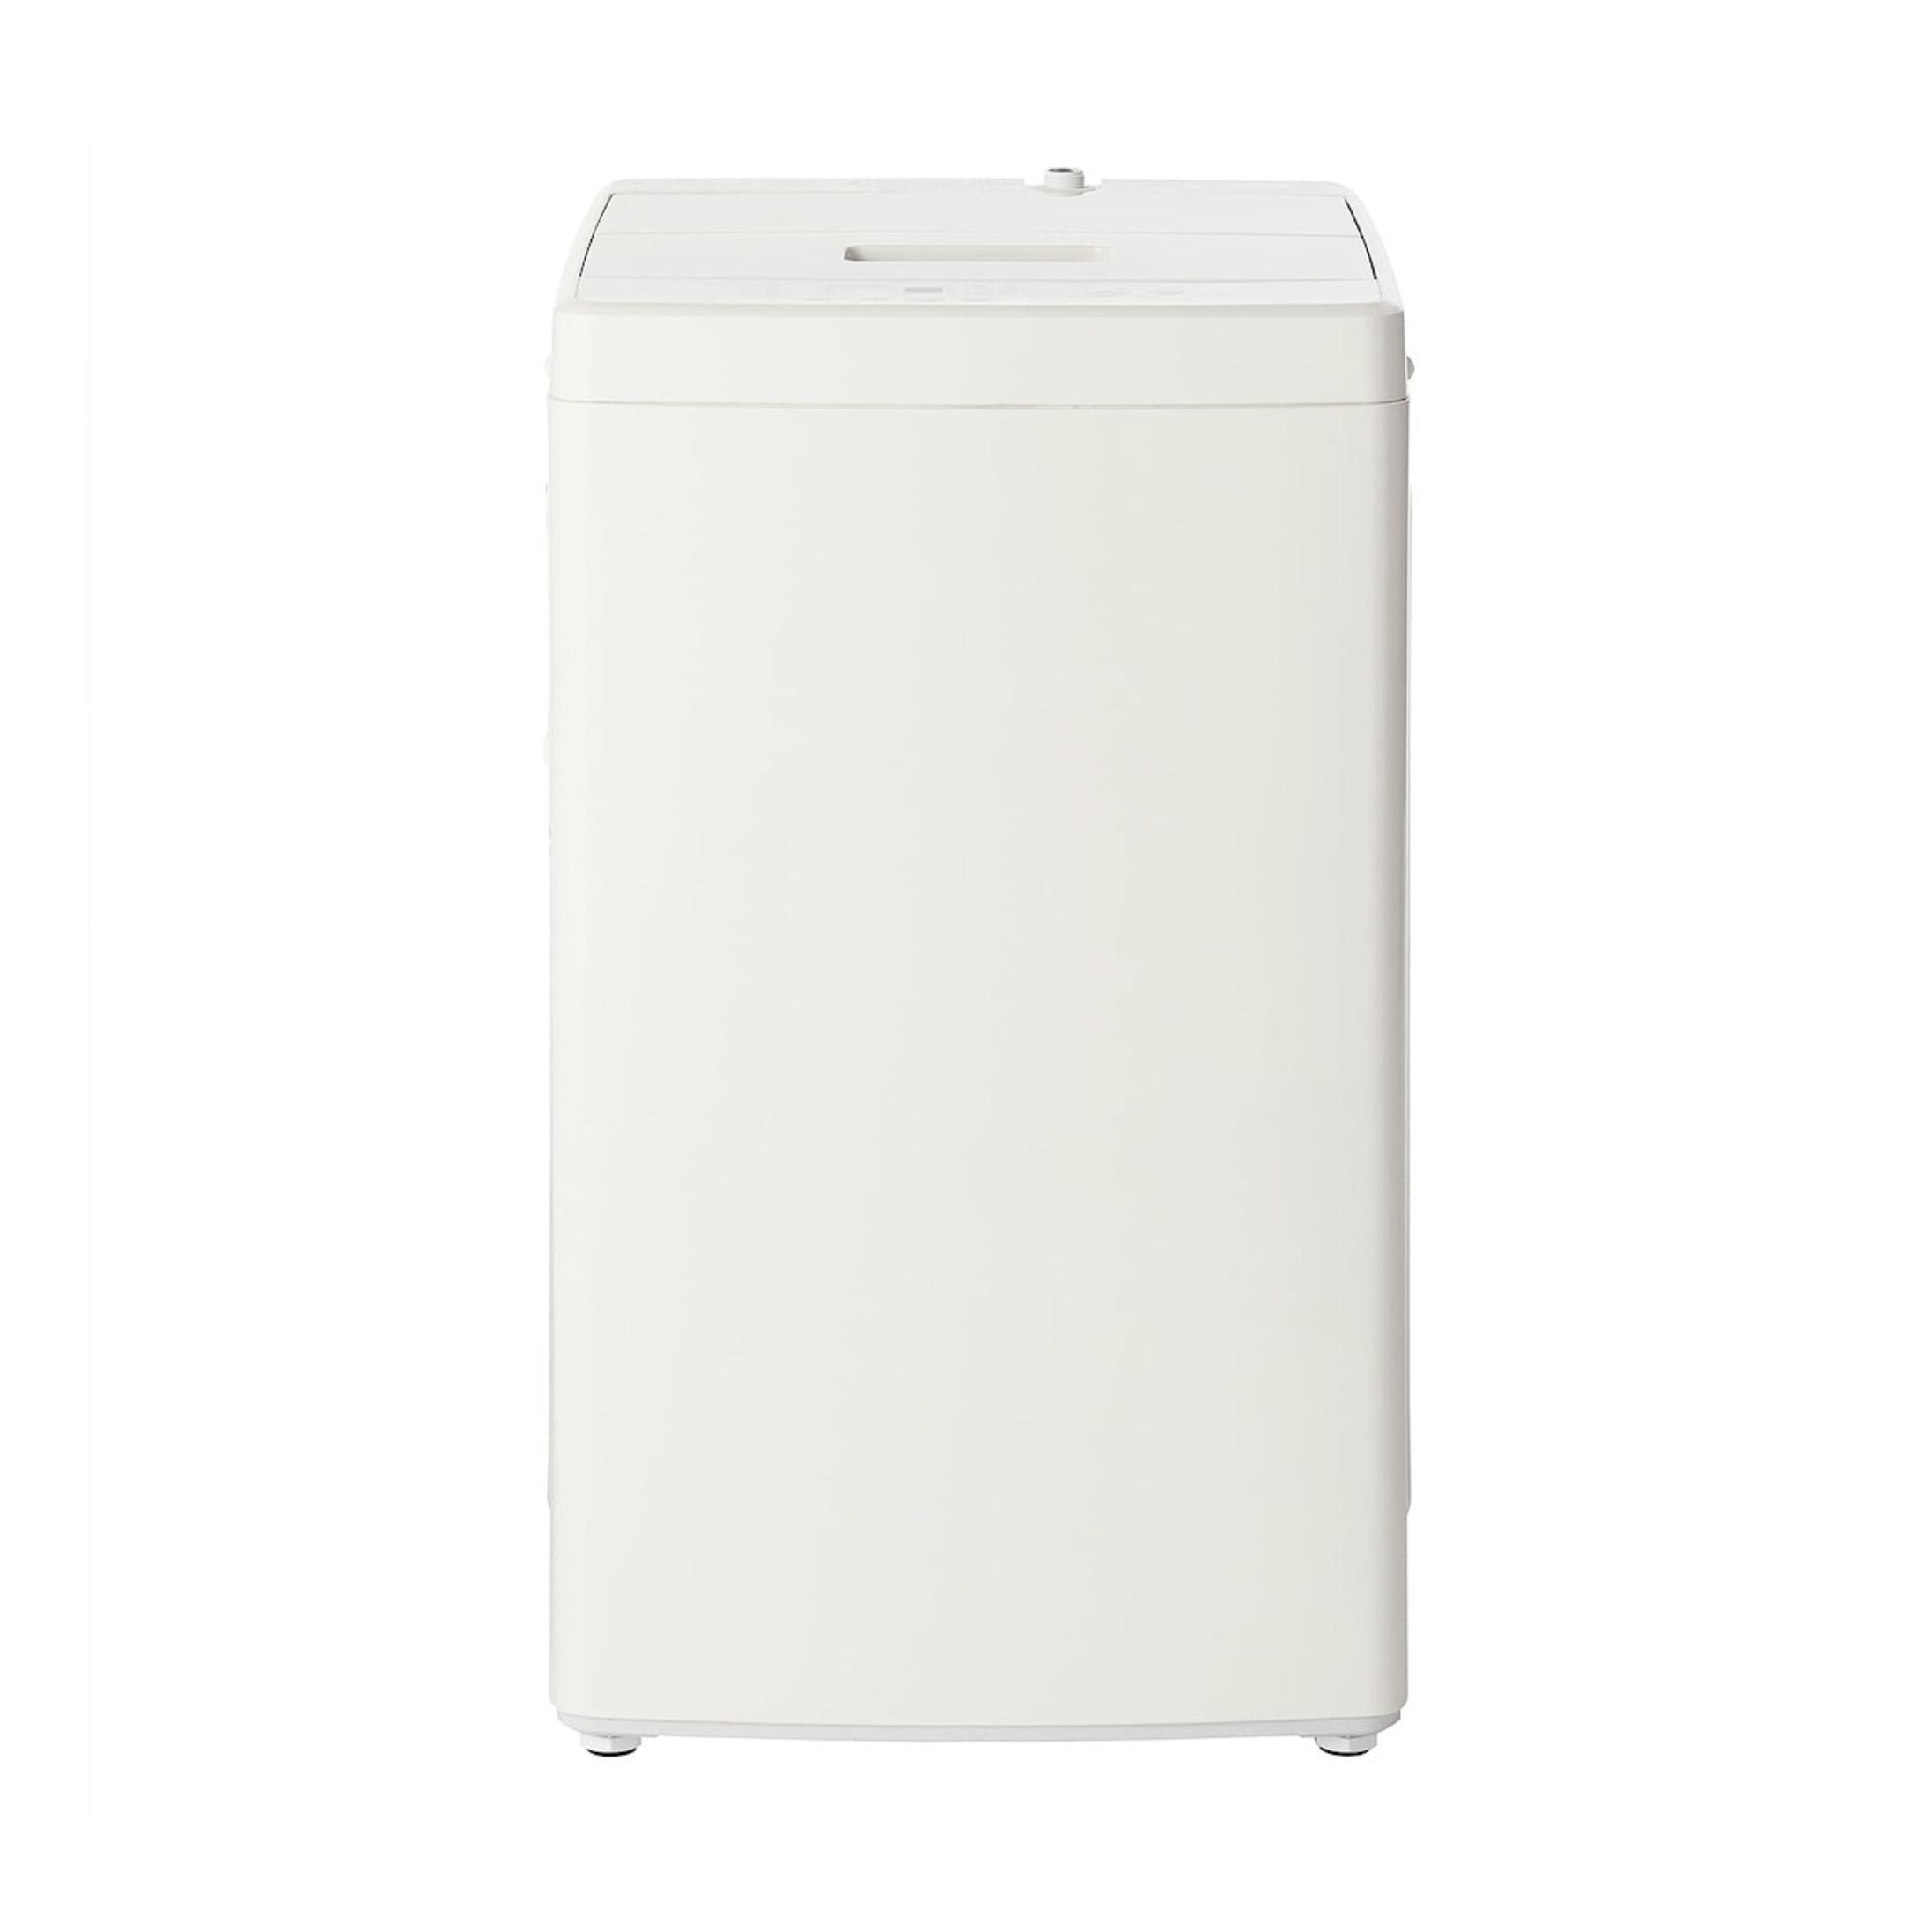 電気洗濯機・5kg MJ‐W50A